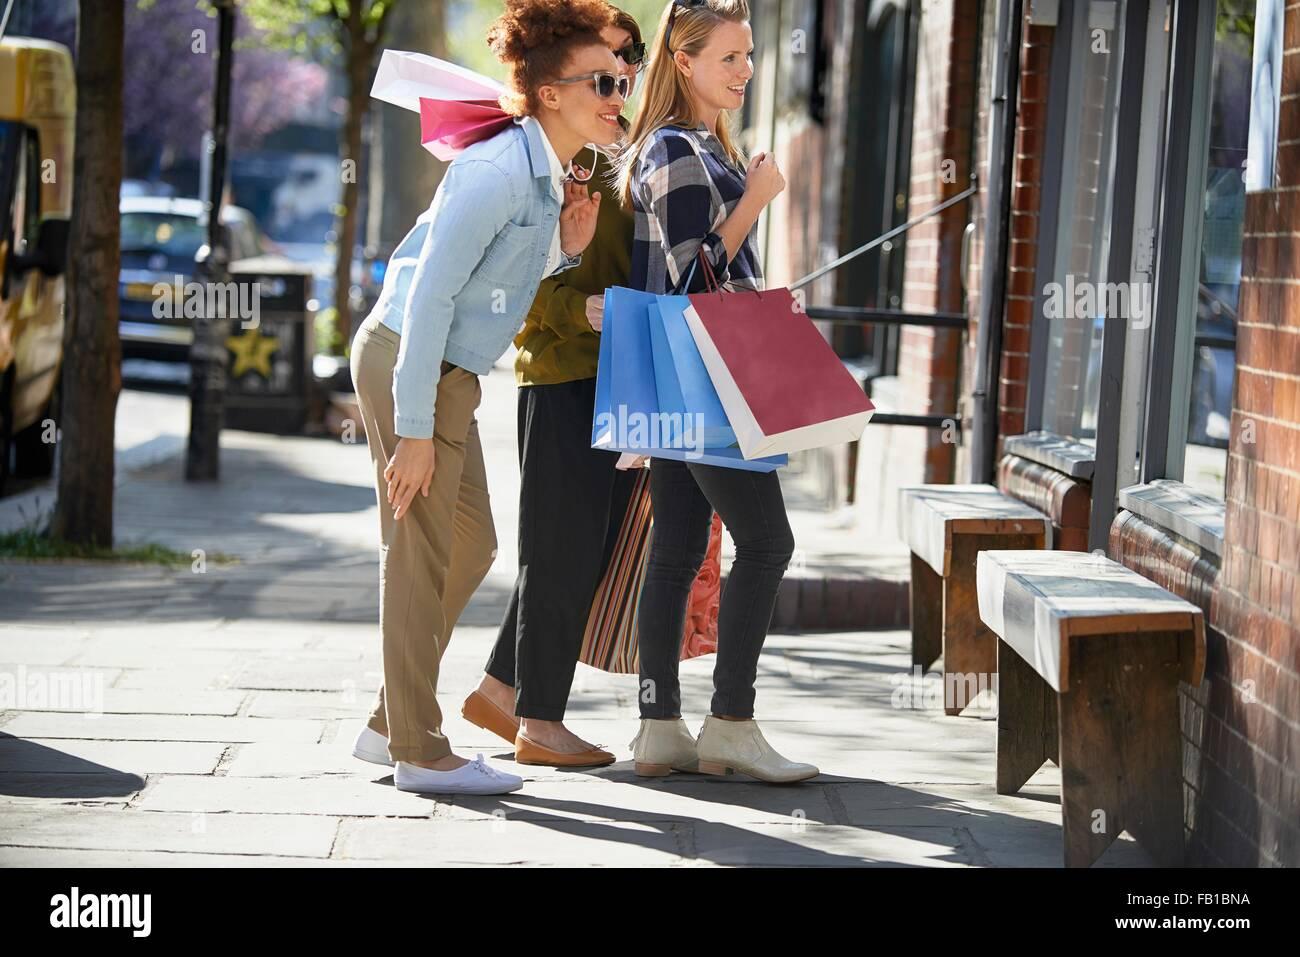 Vista lateral de la mujer sosteniendo las bolsas de compras en la calle de pie mirando en el escaparate Foto de stock